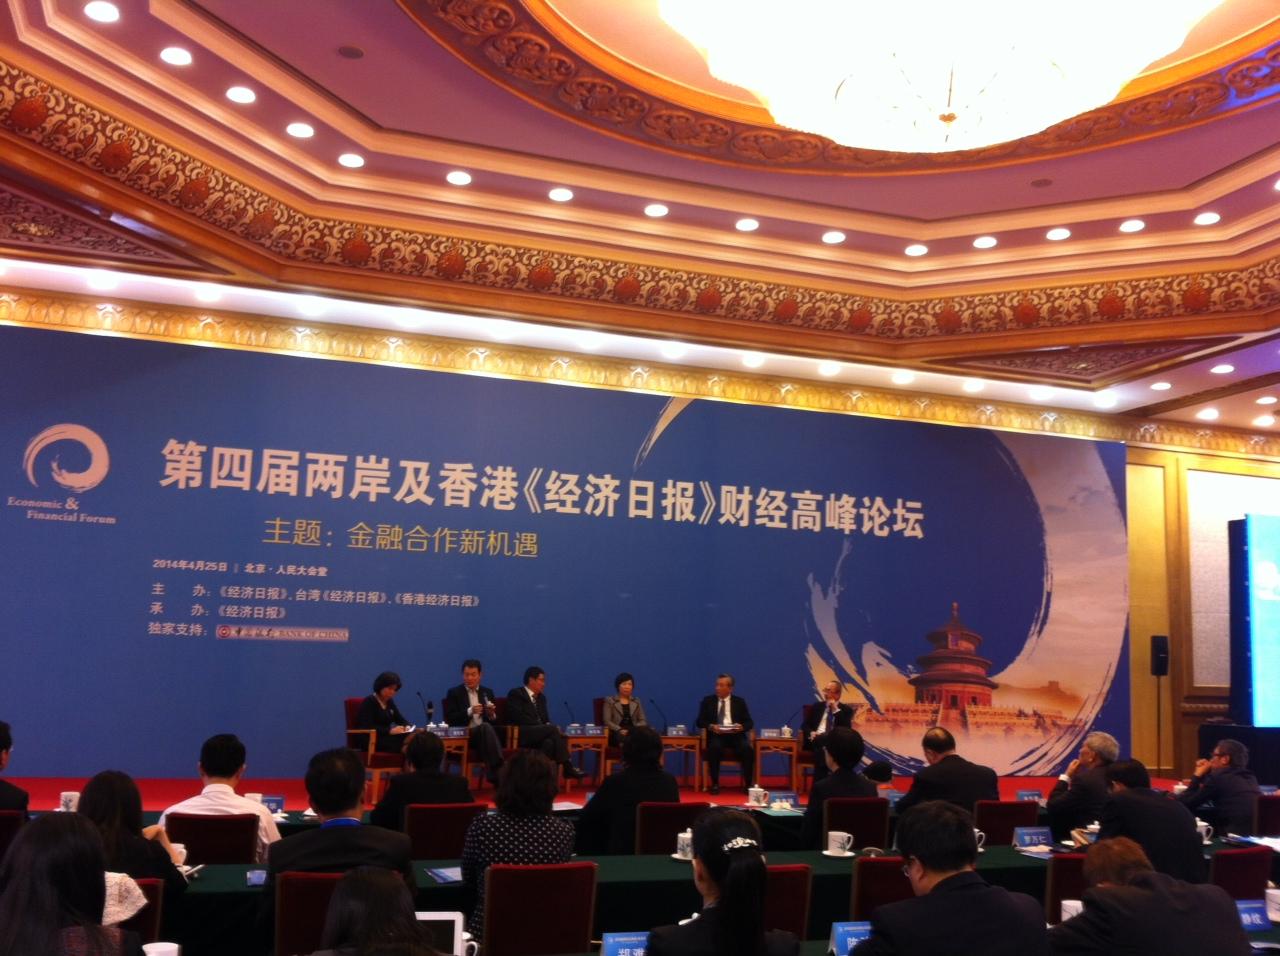 黄怒波董事长出席第四届两岸及香港《经济日报》财经高峰论坛